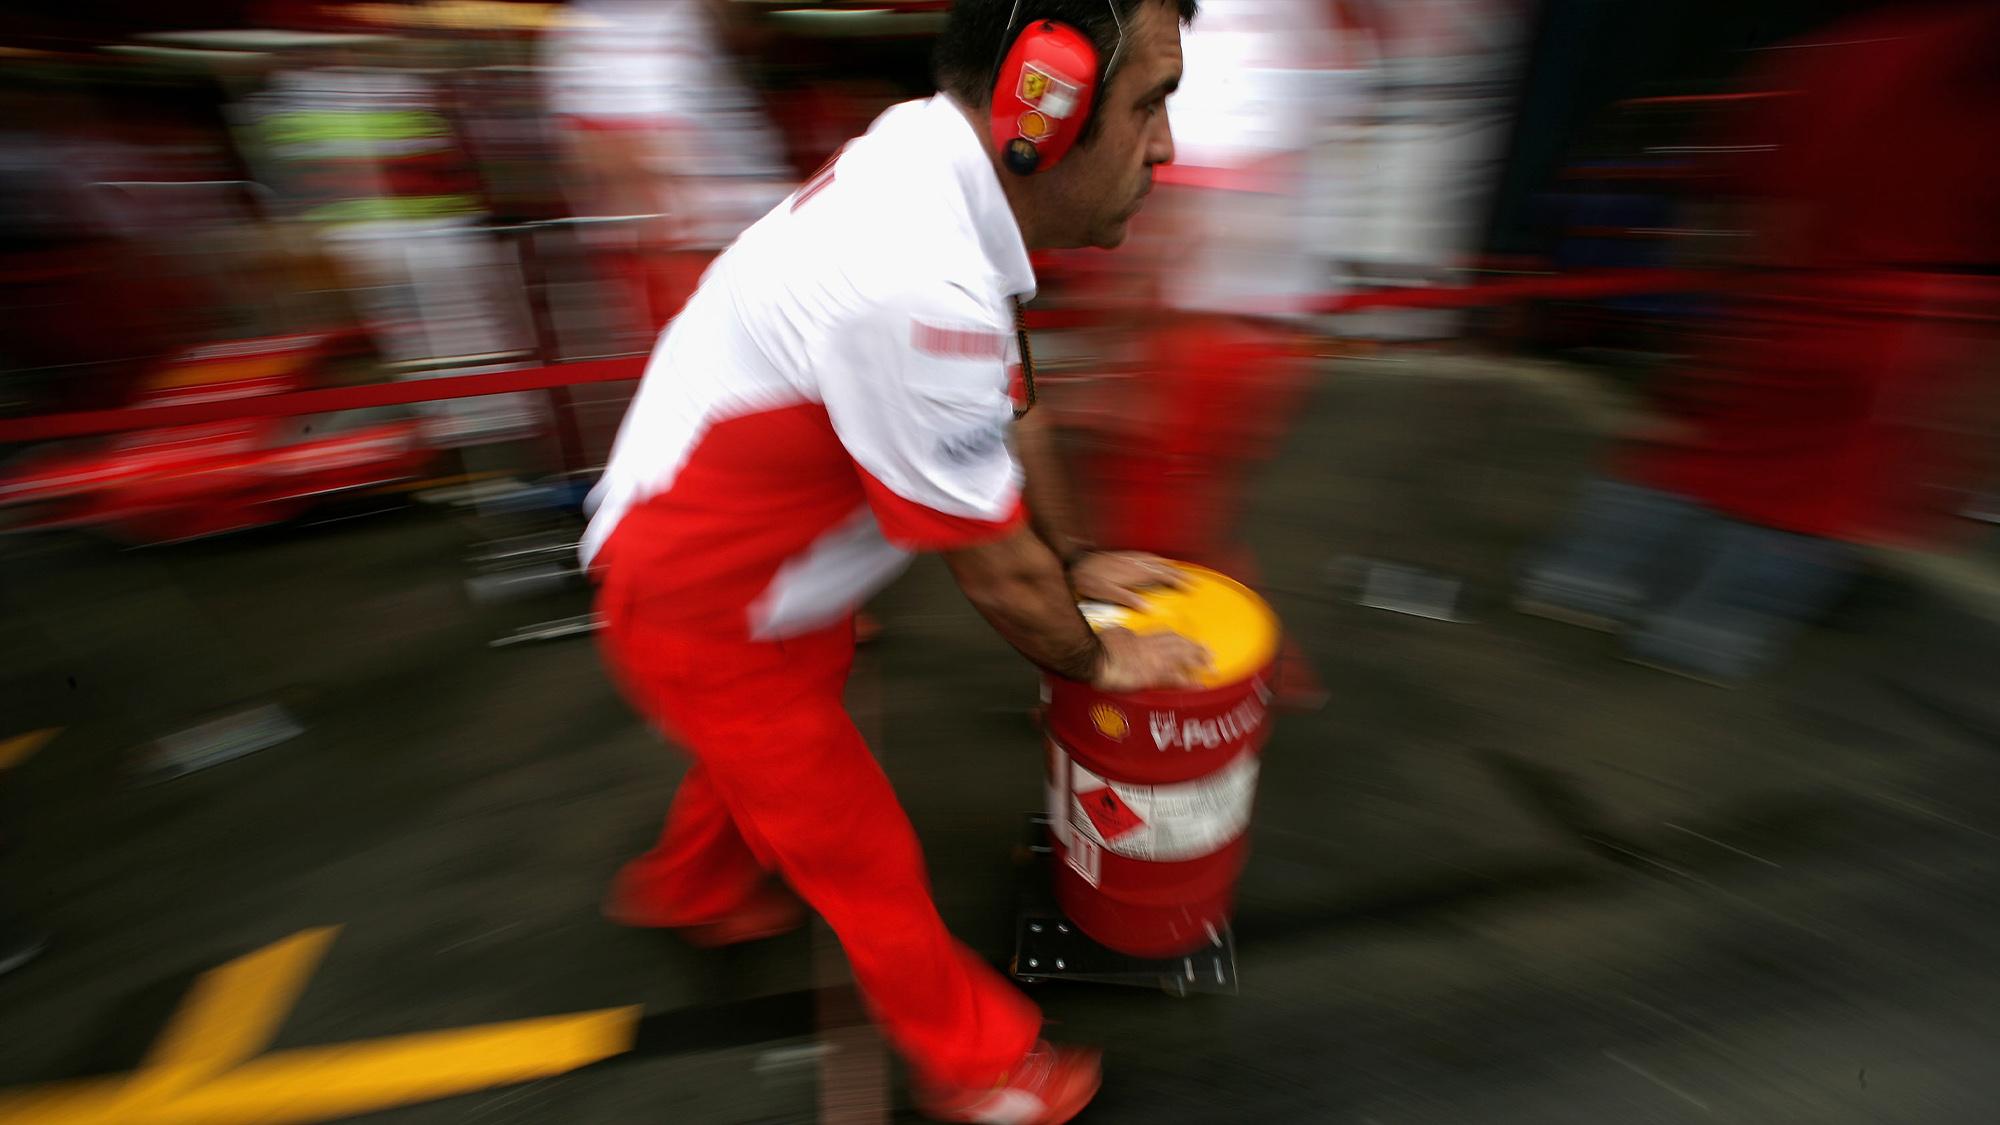 Ferrari F1 fuel barrel